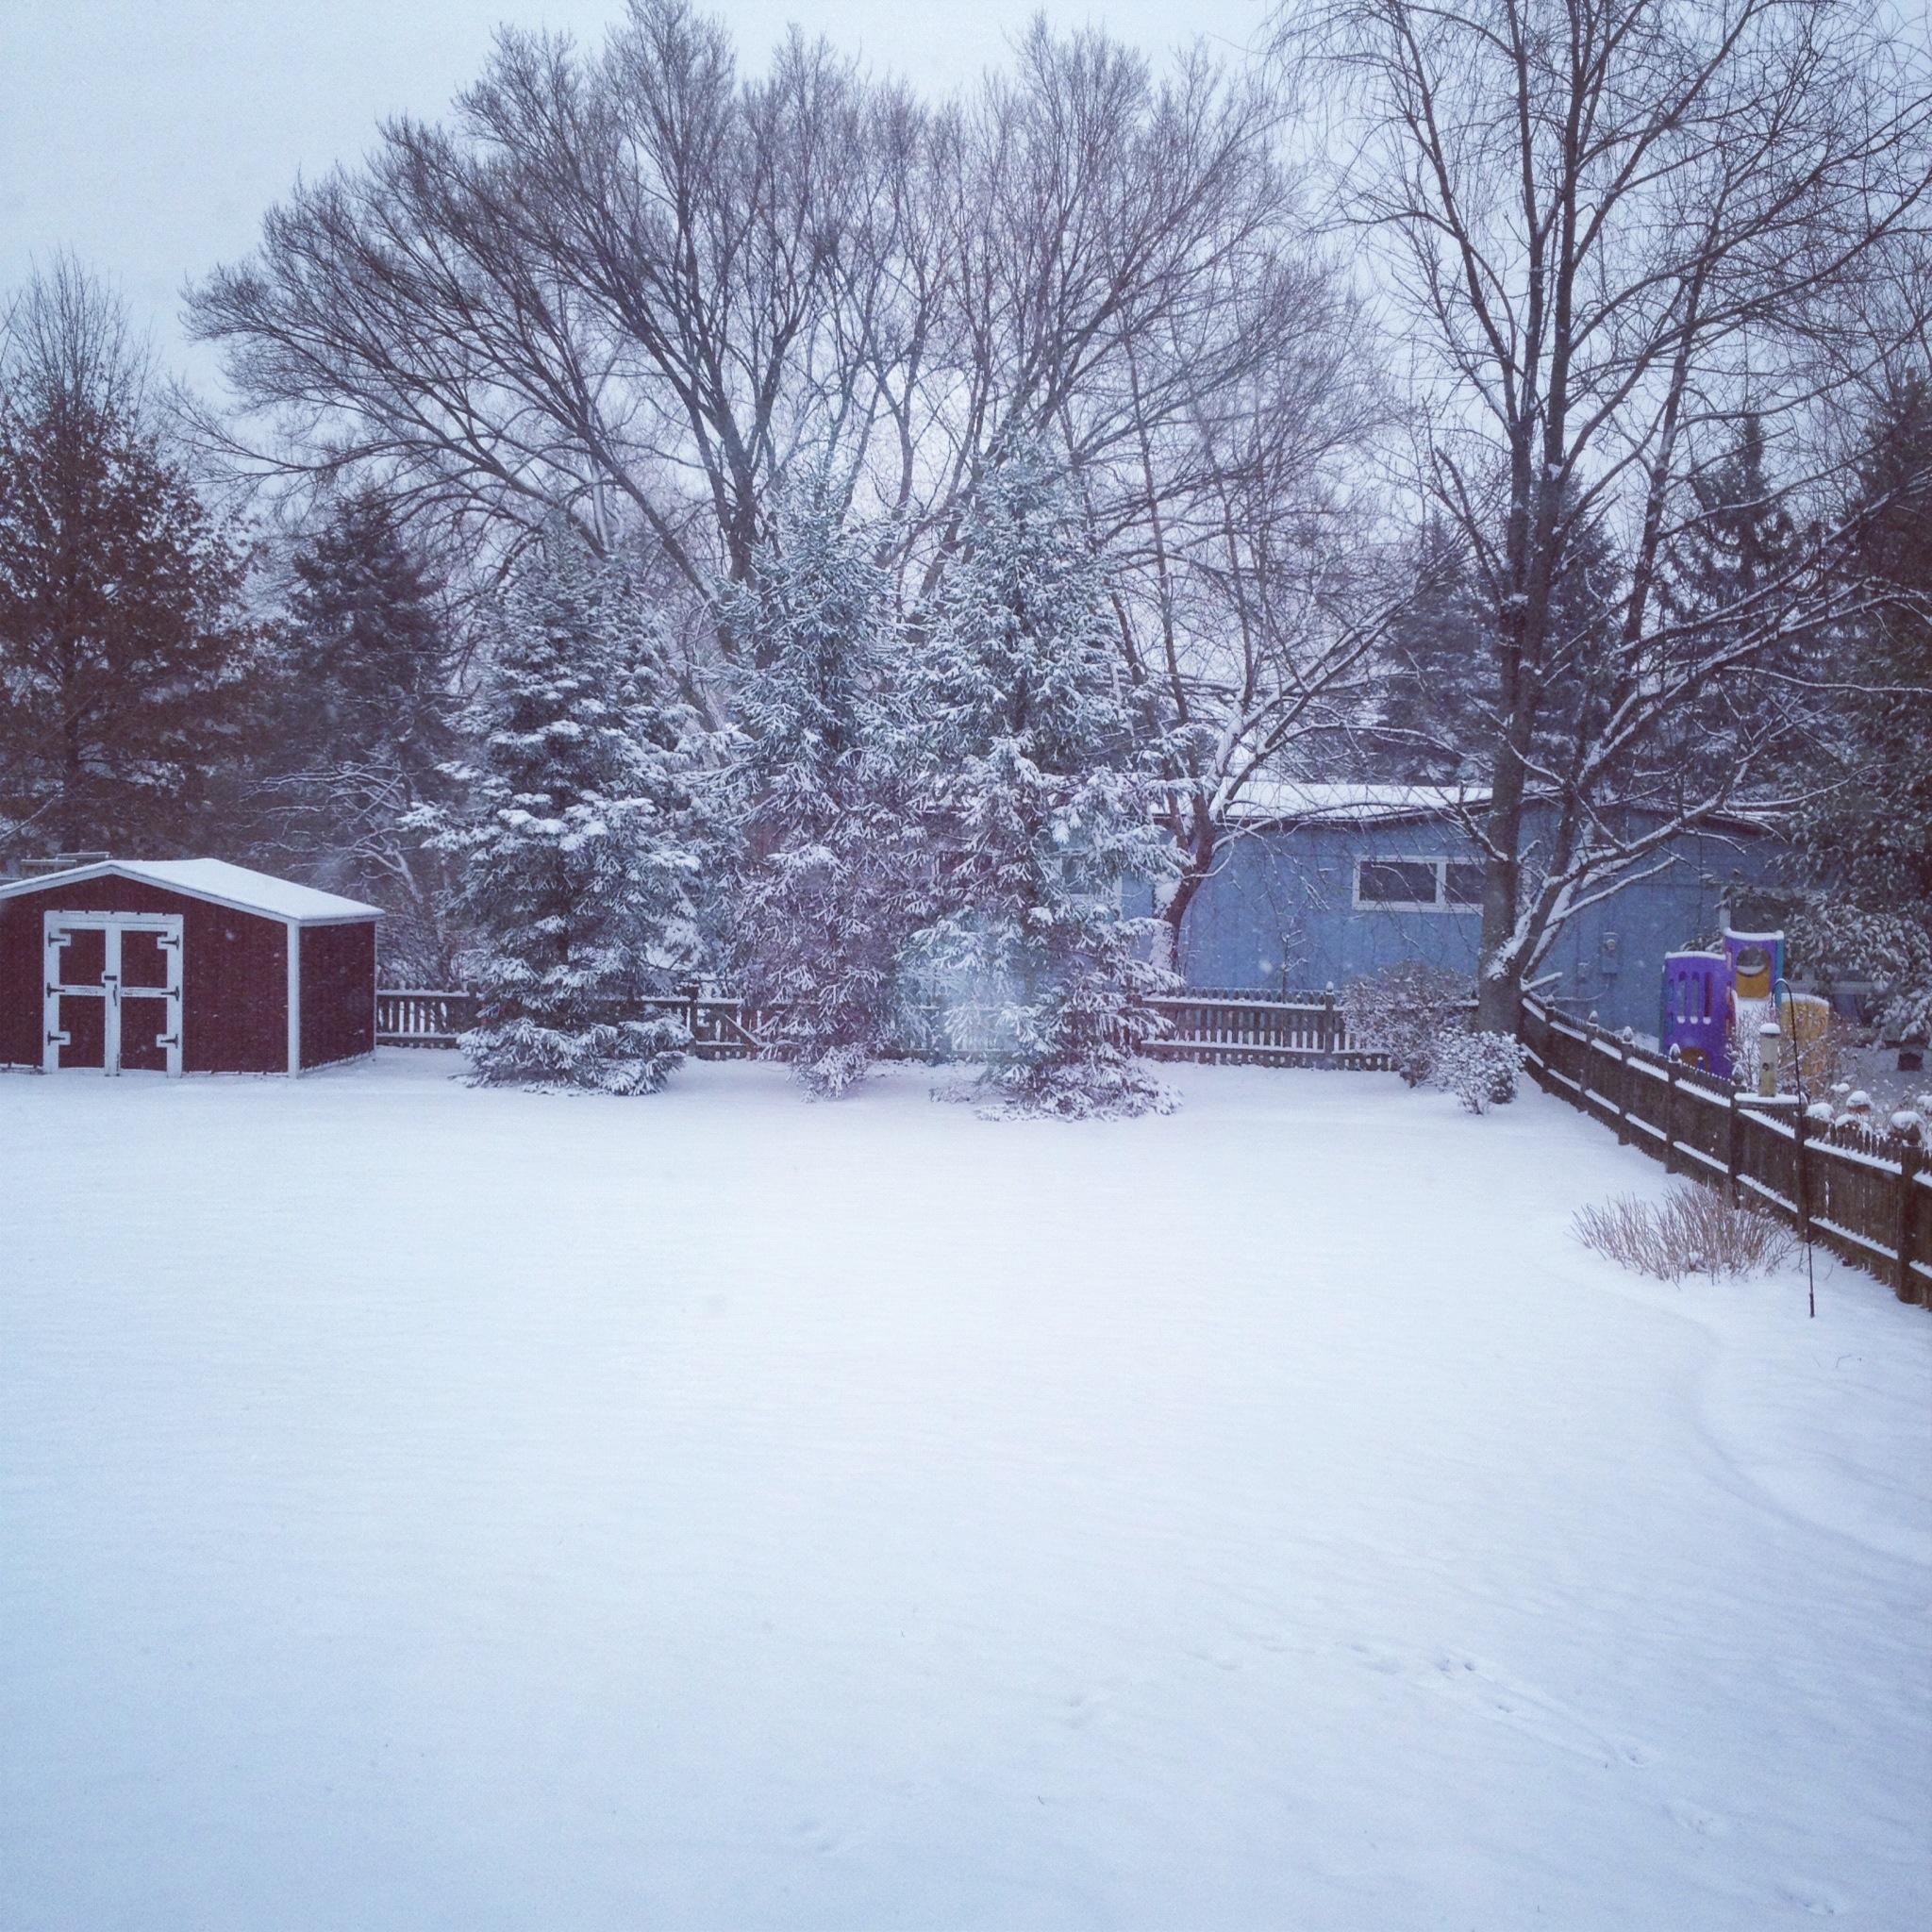 Snowy suburban day...